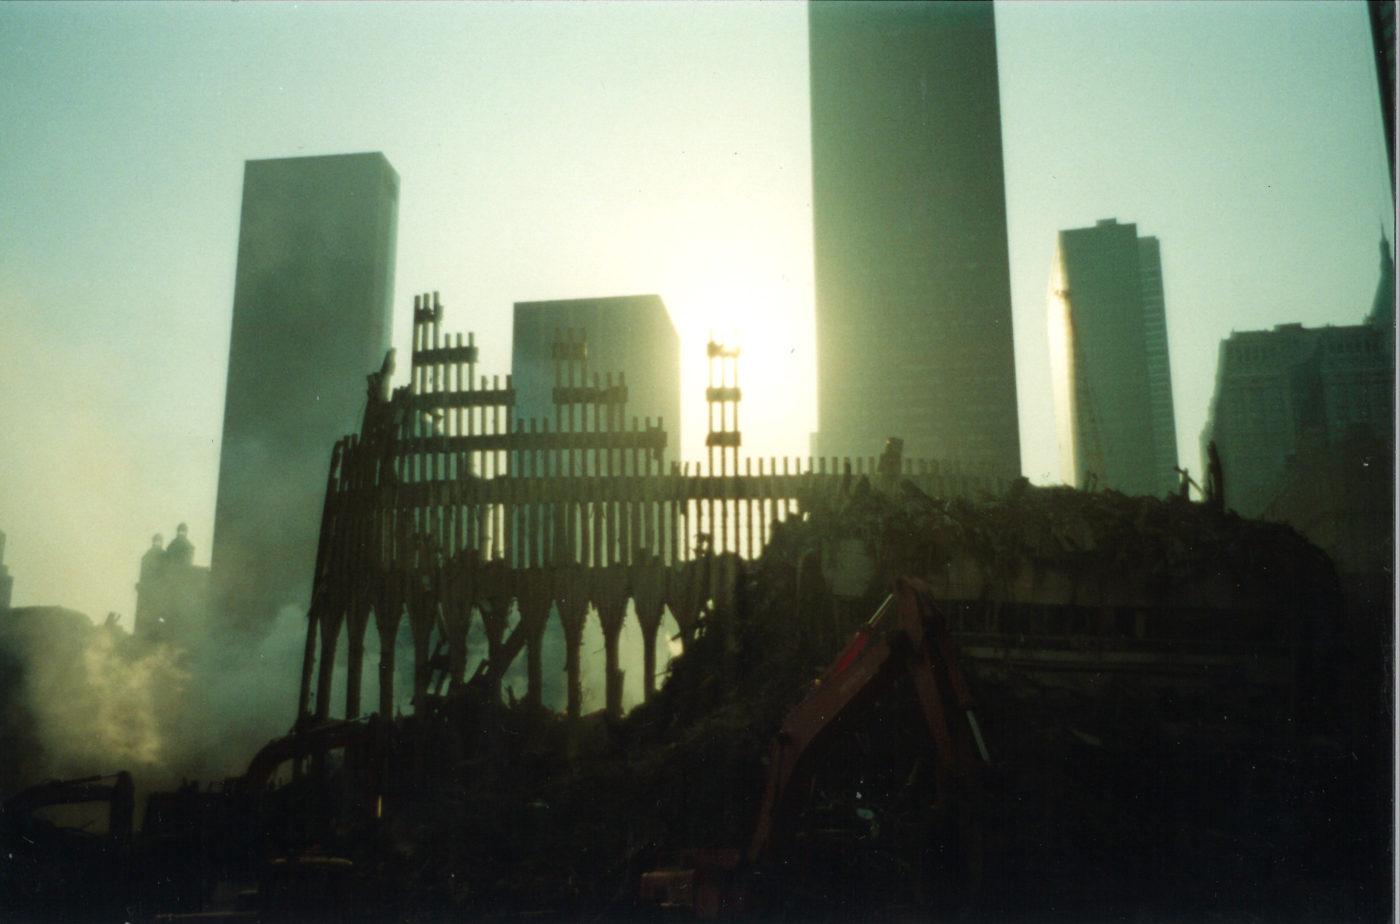 Sun Through the Destroyed Exoskeleton of the WTC